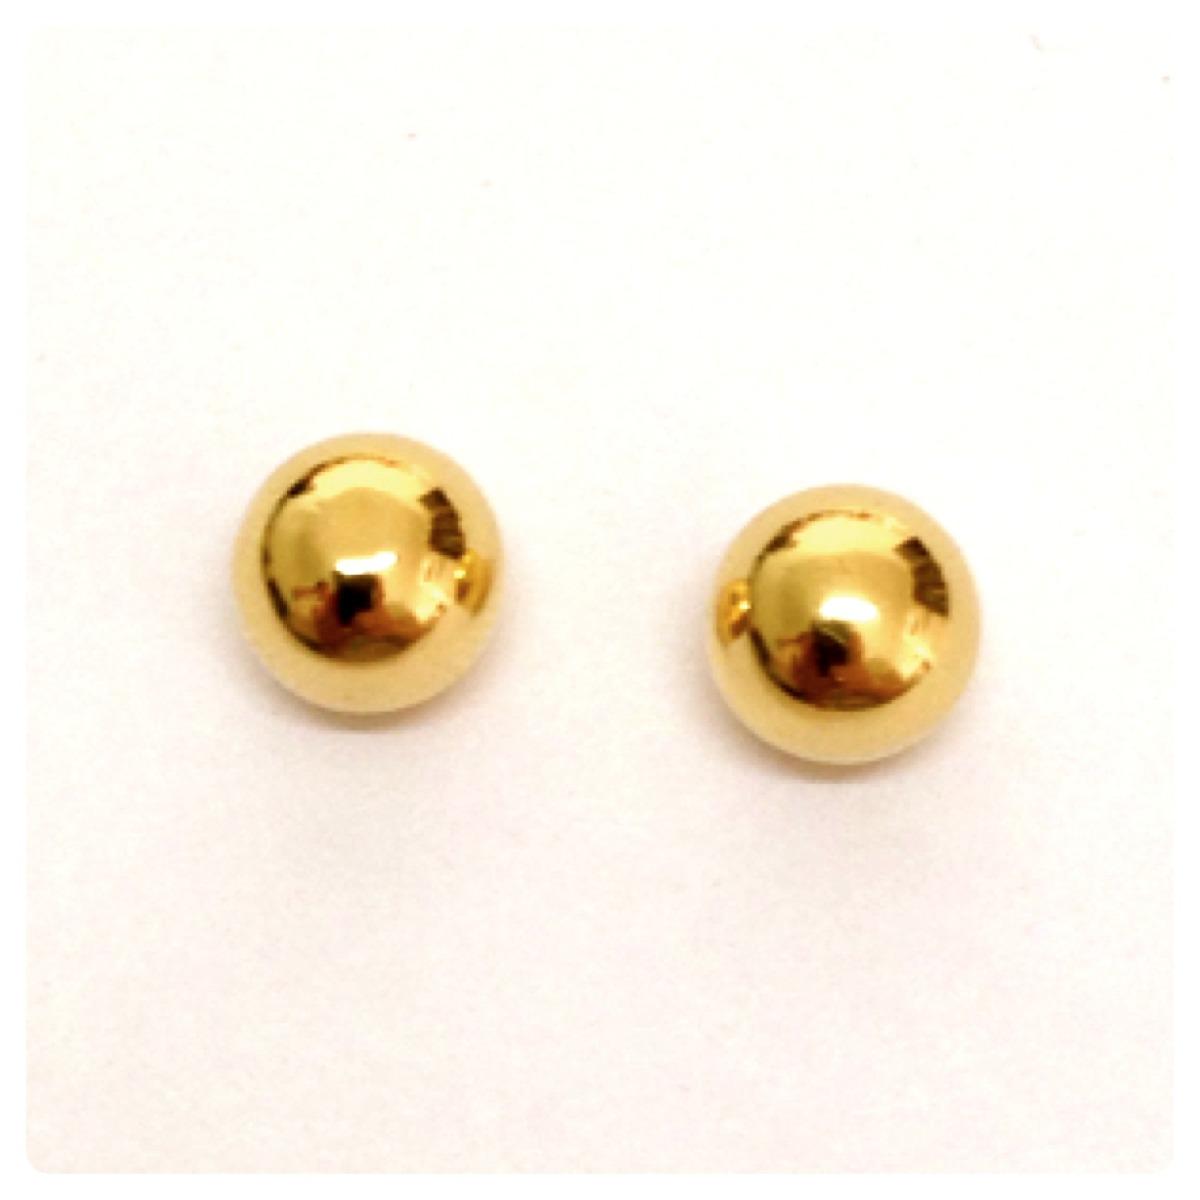 ced7a3df98c6d par brincos de bola grande de 7 mm joia de ouro amarelo 18k. Carregando  zoom.